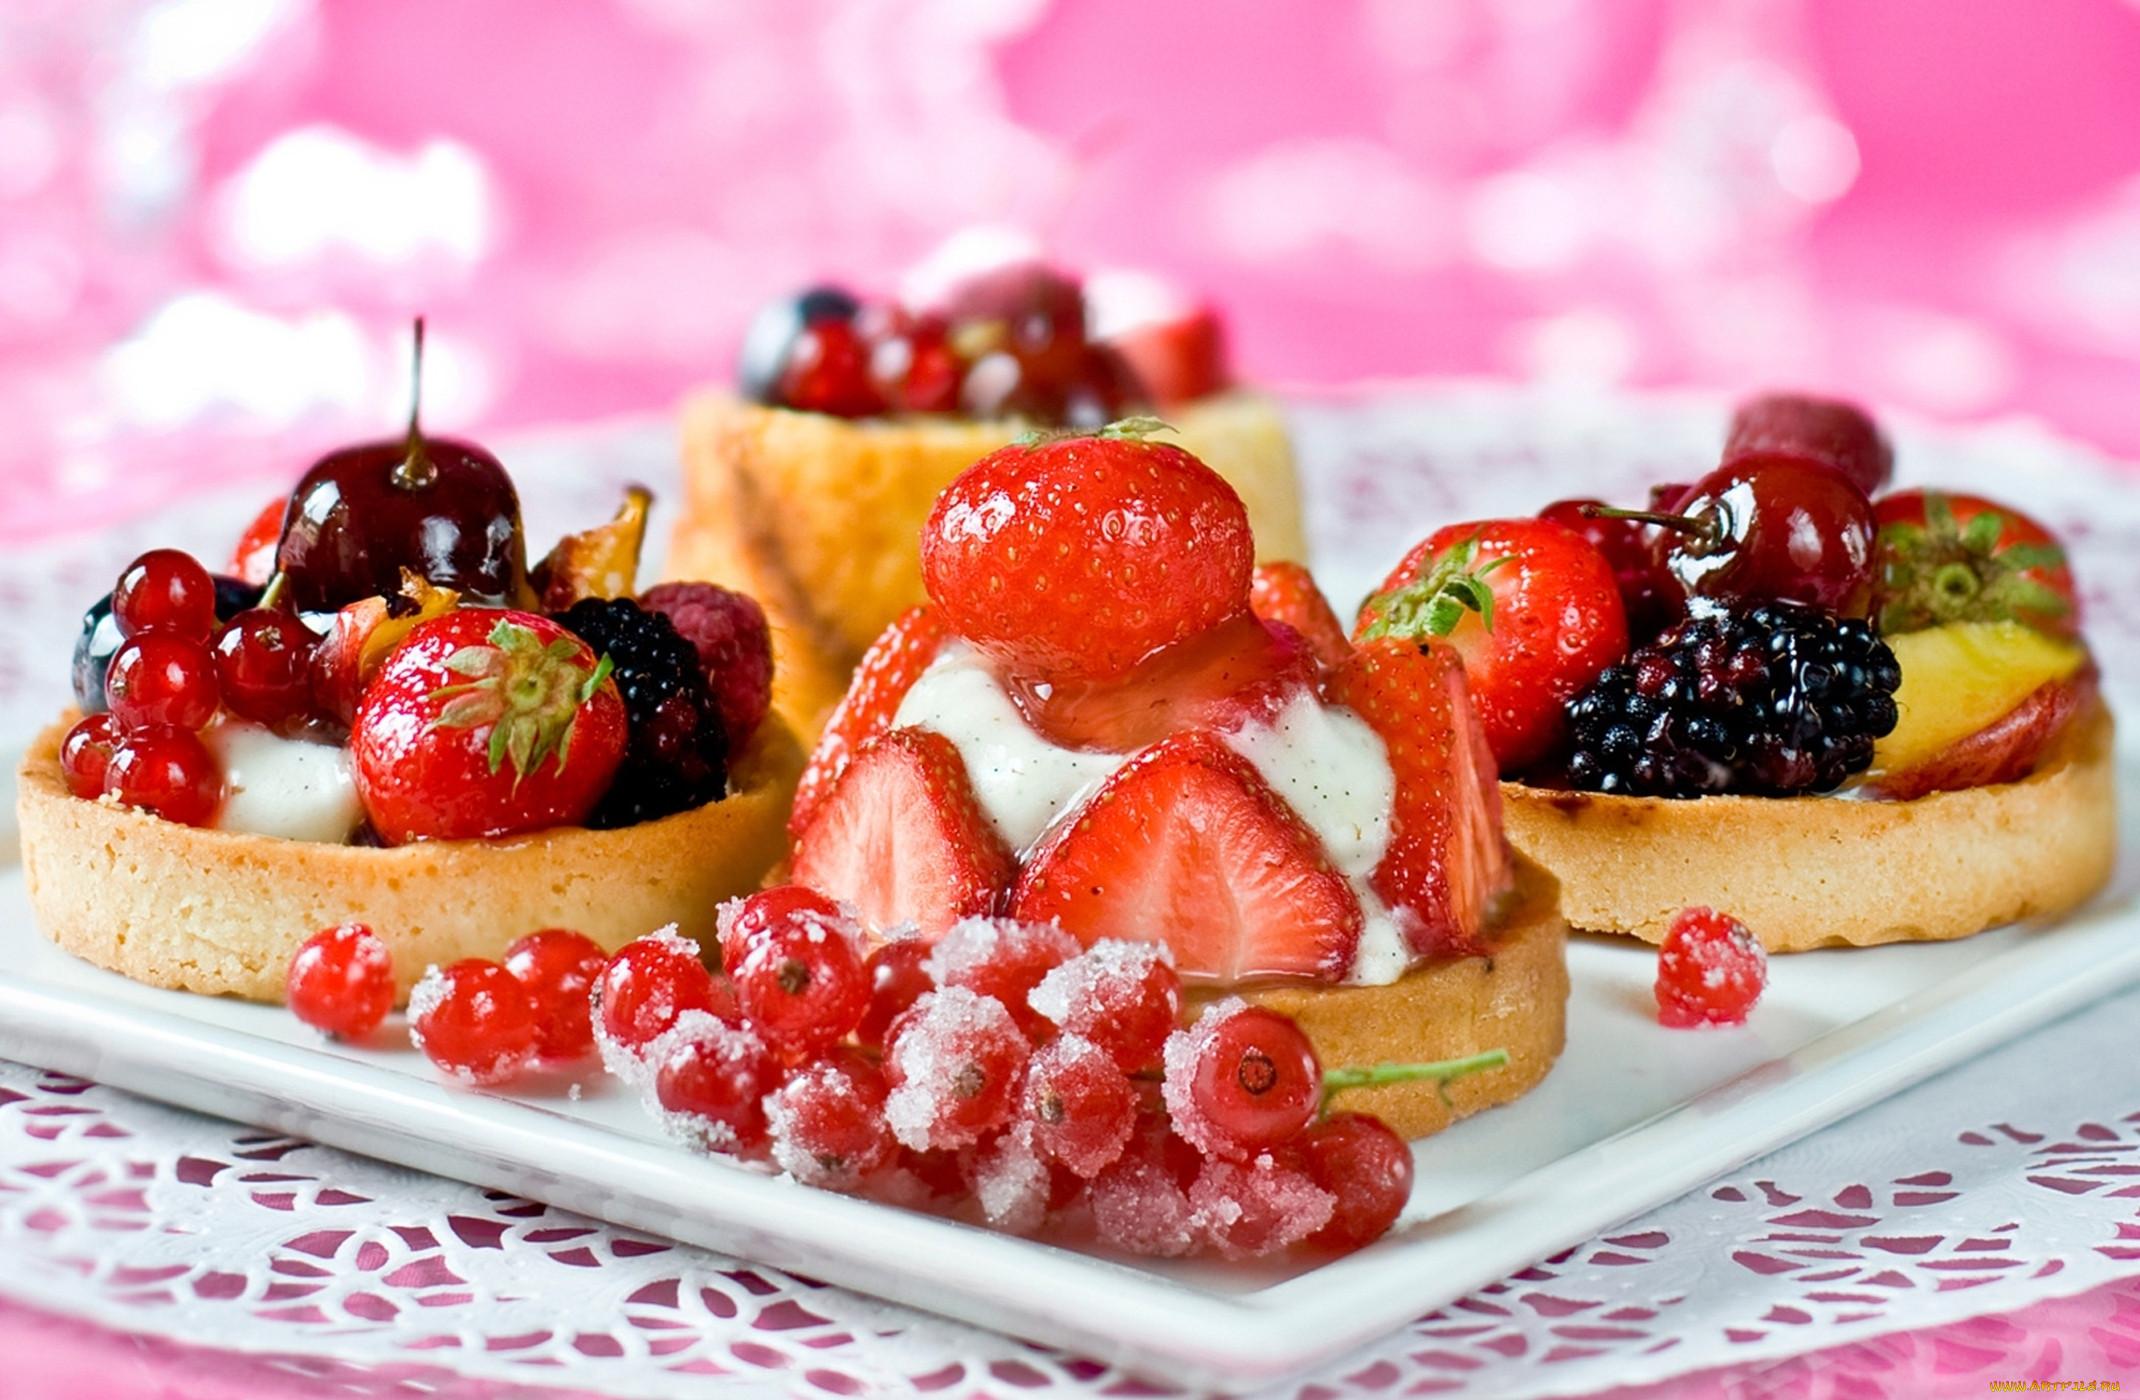 картинки пирожных с фруктами конструктор объявил